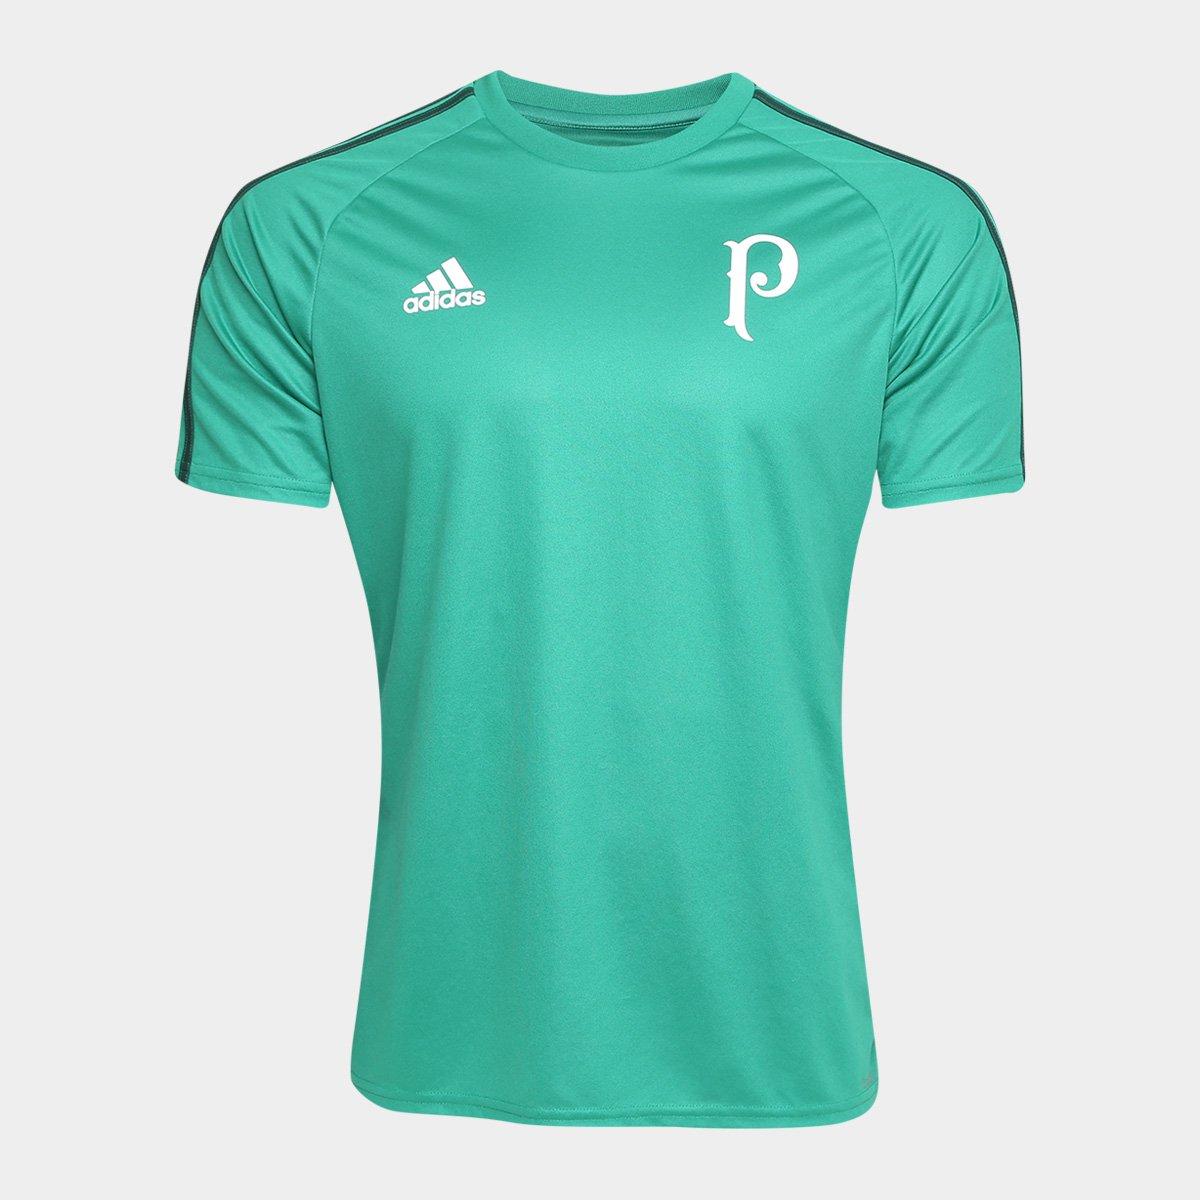 f37f2a9e734 Camisa Palmeiras Réplica 17/18 s/nº Adidas Masculina | Allianz ...